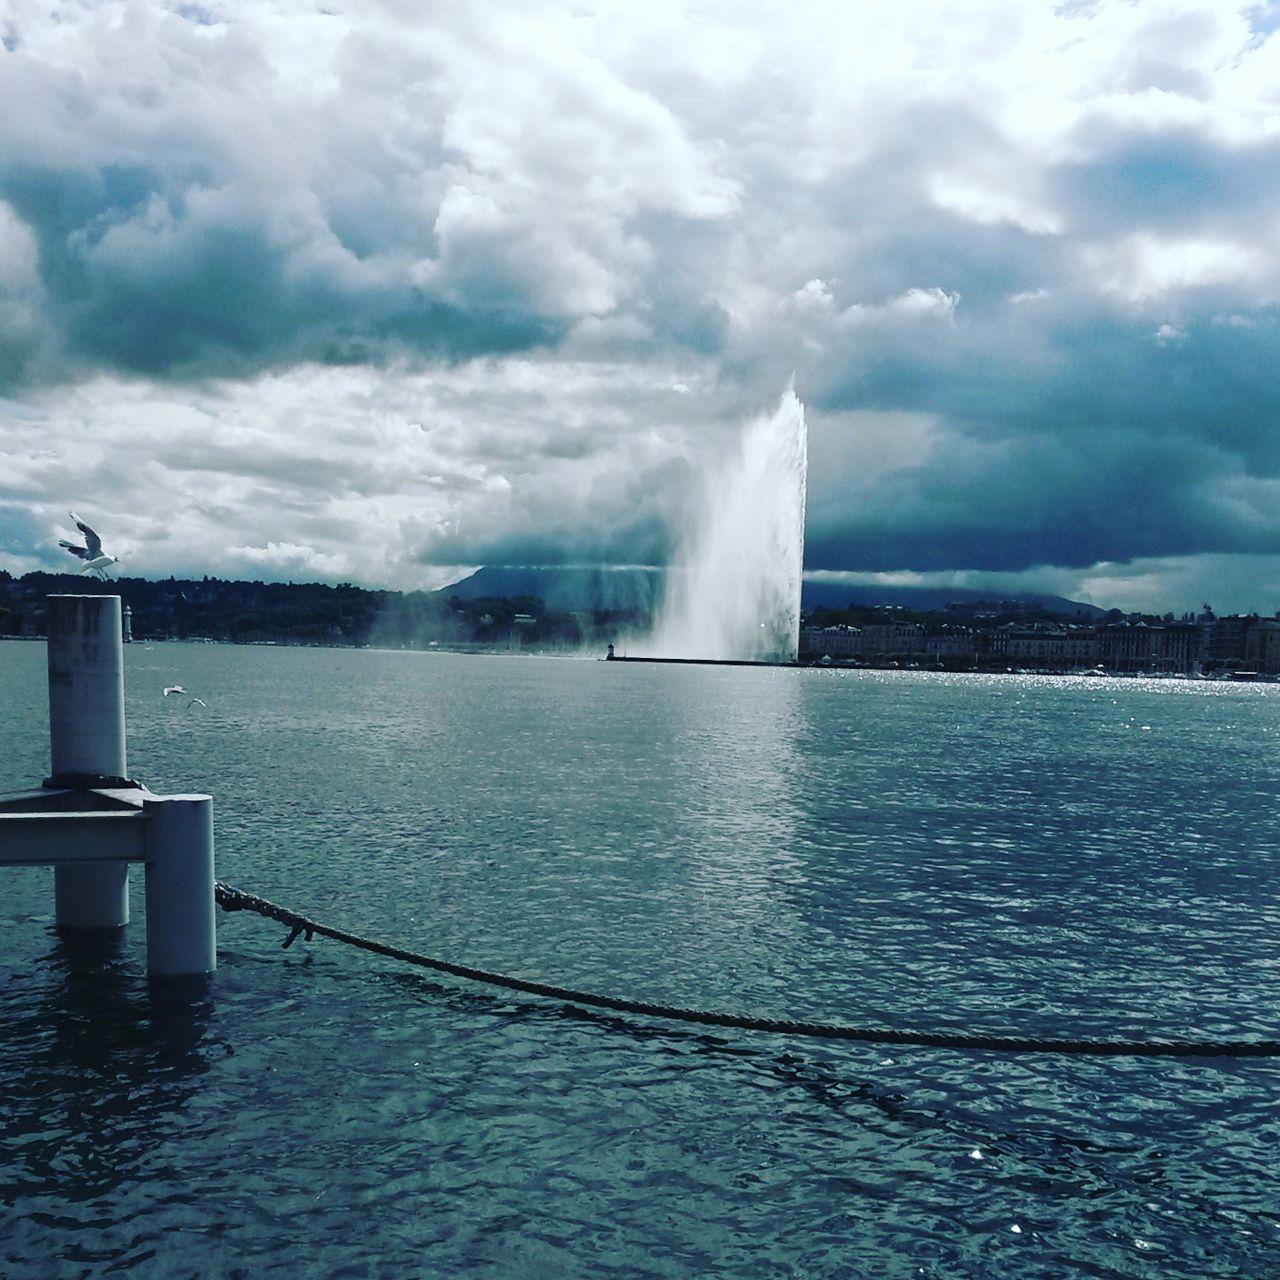 Ce jet d'eau est très puissant! Taking Photos Summer2016✨ EyeEm Best Shots EyeEm Gallery Lake Geneve Suisse